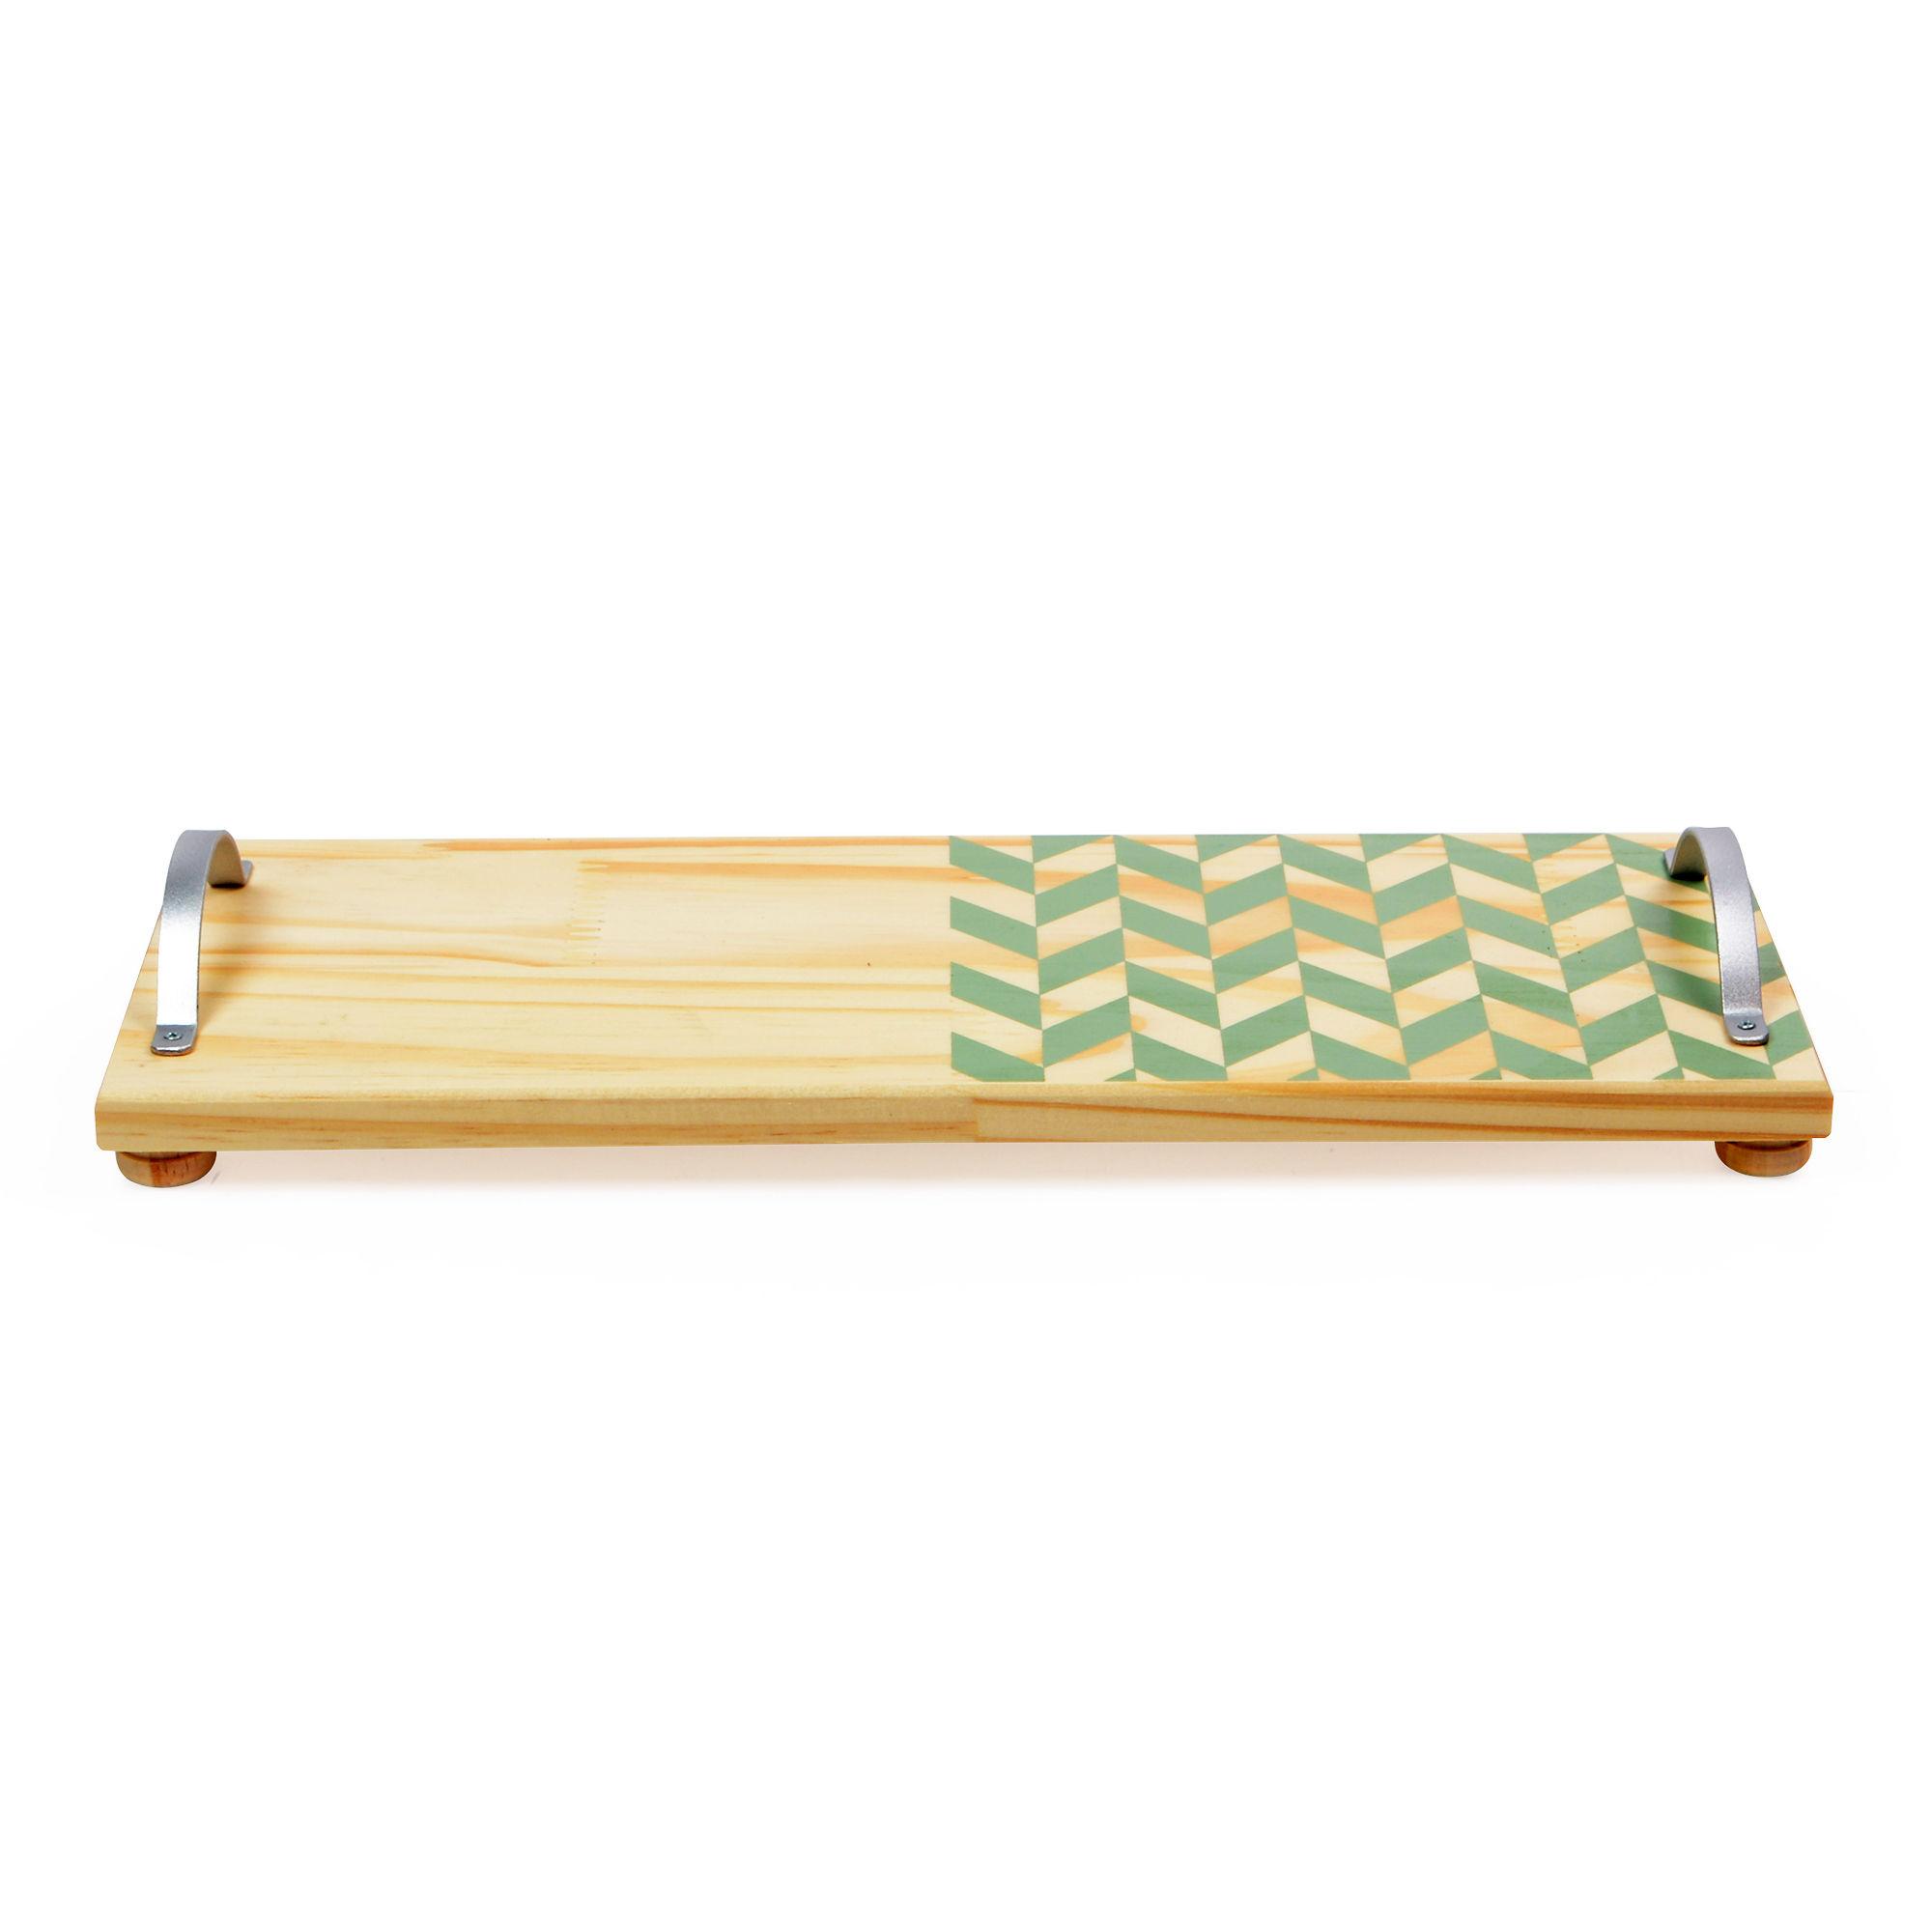 Bandeja de madeira com alça de ferro com mosaico Verde